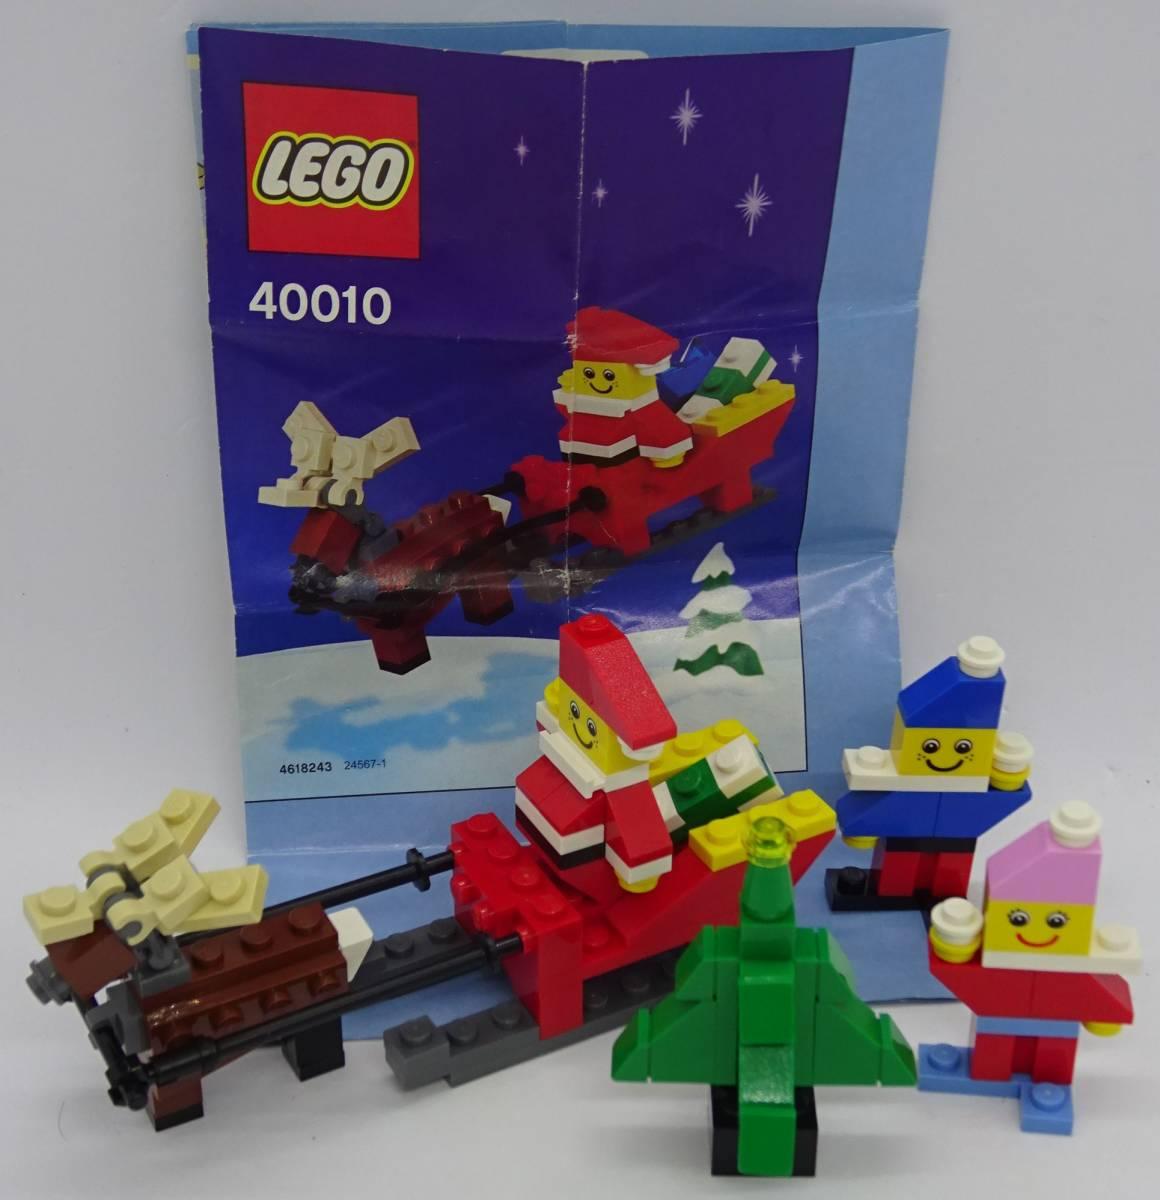 レゴ/LEGO クリエイター/Creater サンタとトナカイセット オマケ多数 40010_画像1